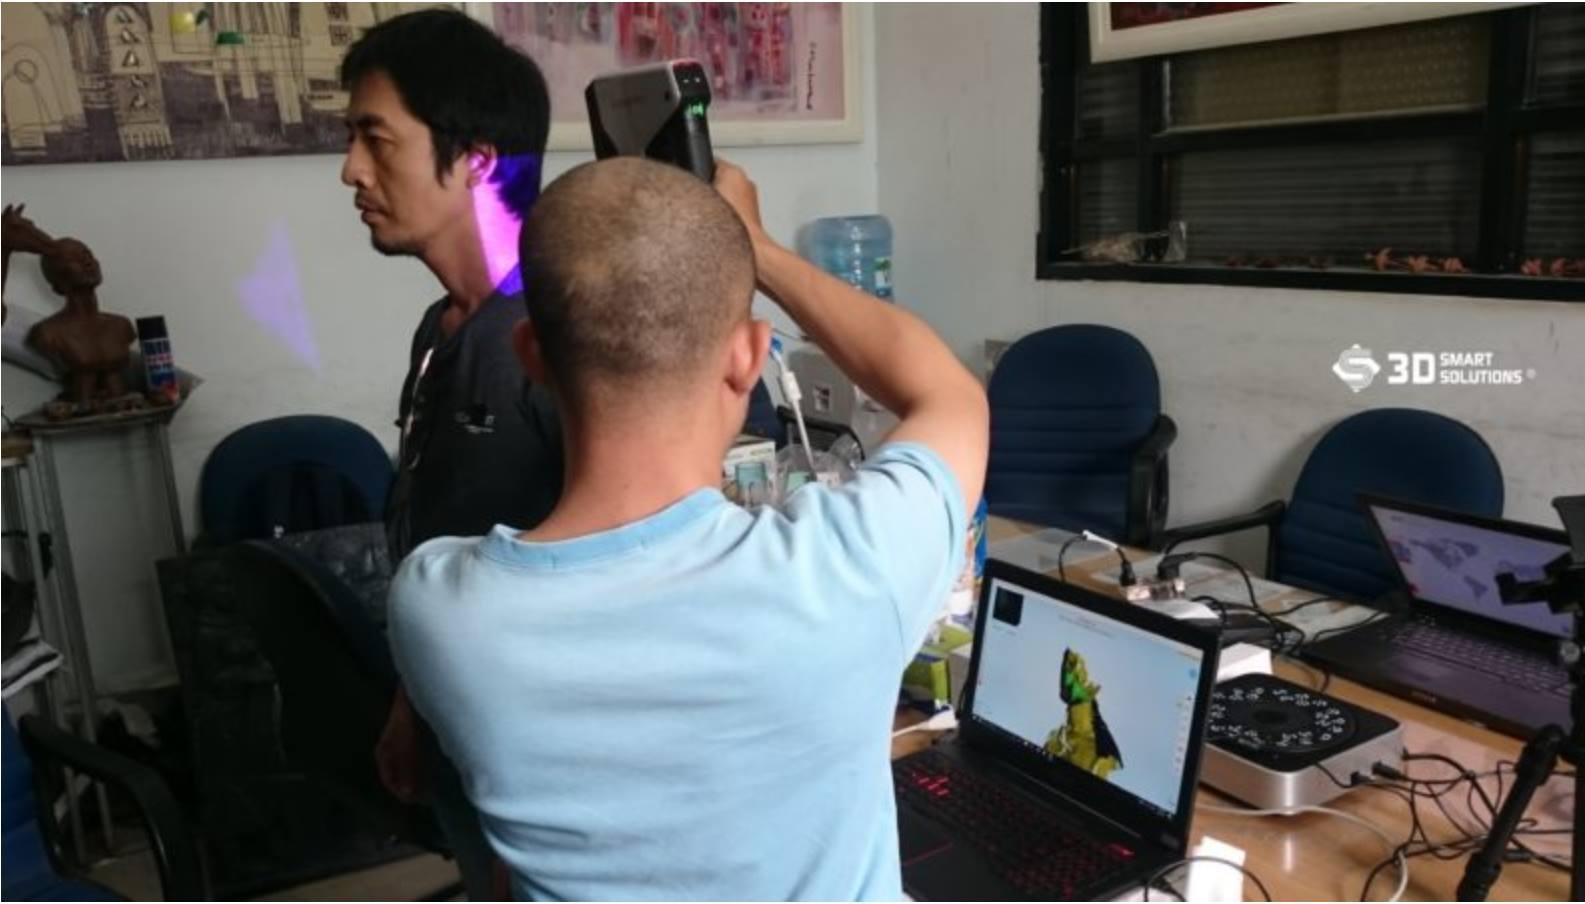 Cung cấp máy in 3D cho trường học, doanh nghiệp. Máy quét 3D - scan 3d cho trường học, đại học, cao đẳng, dạy nghề. Giá rẻ - An toàn - Miễn phí giao hàng.